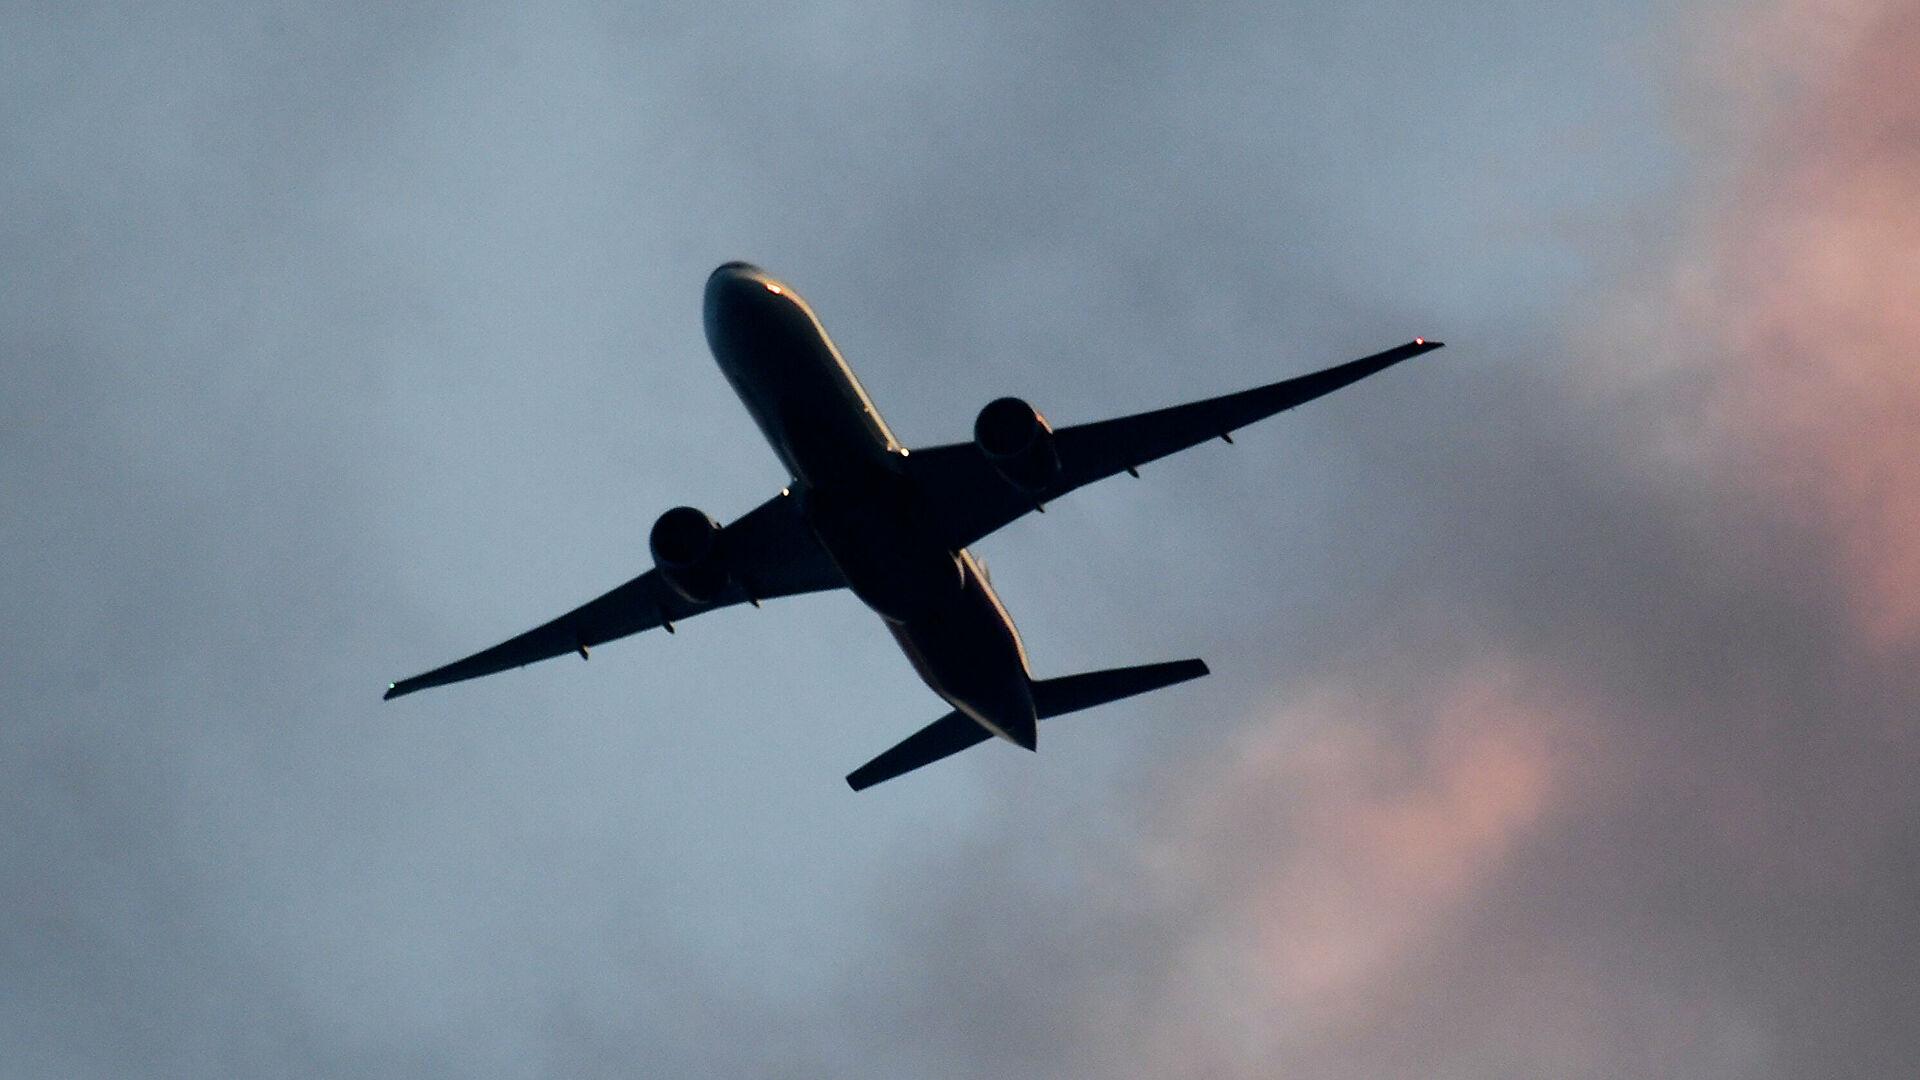 САД и земље ЕУ позвале на забрану свих летова изнад Белорусије и увођење нових санкција